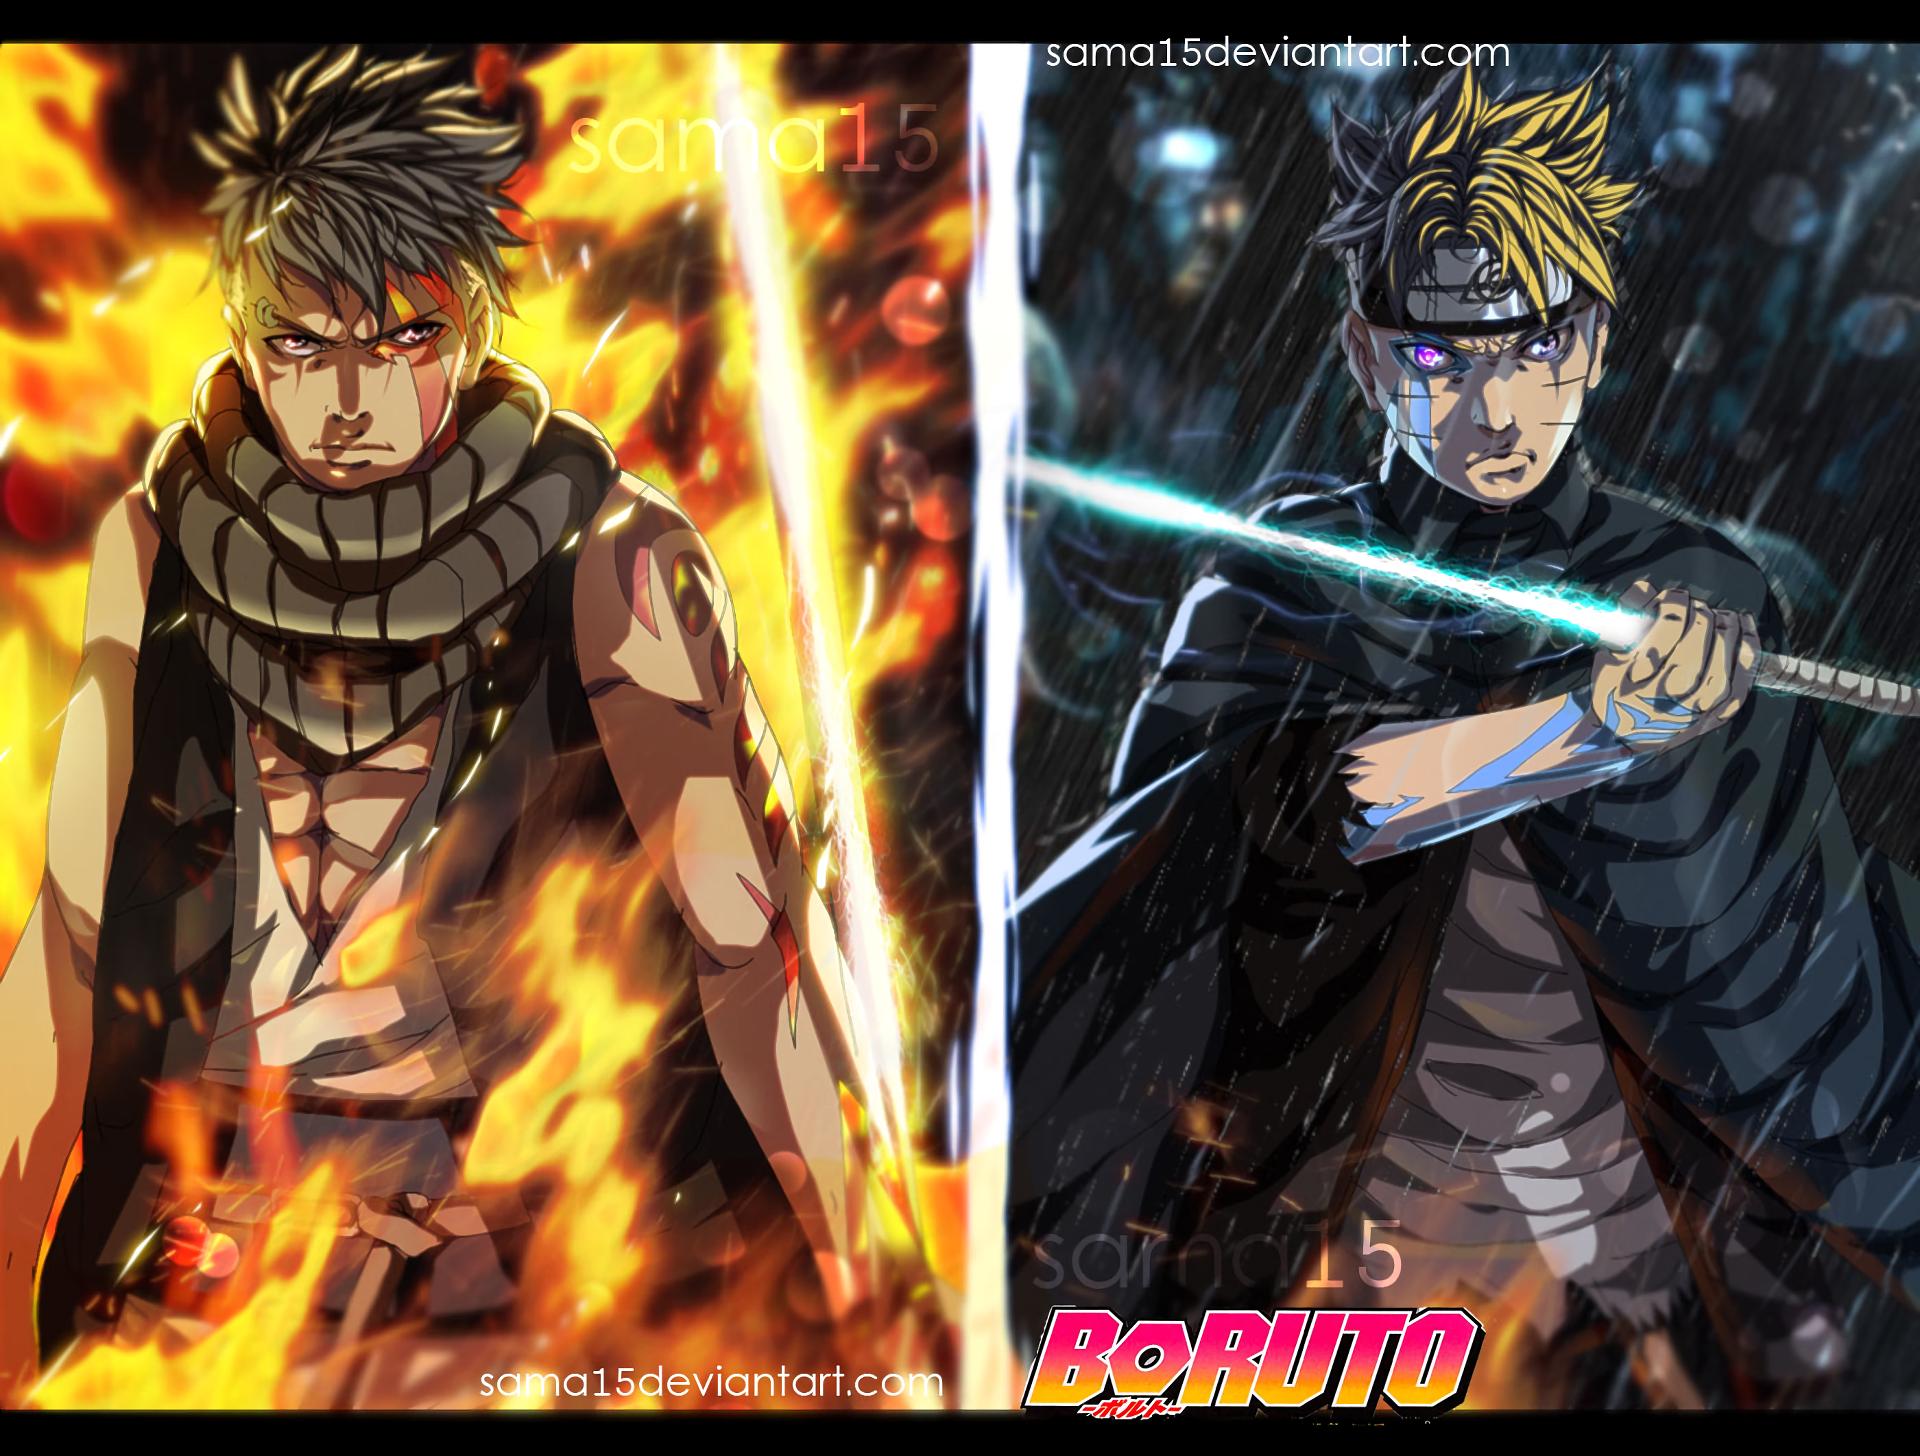 Wallpaper Boruto Jougan Hd In 2020 Anime Akatsuki Anime Boruto